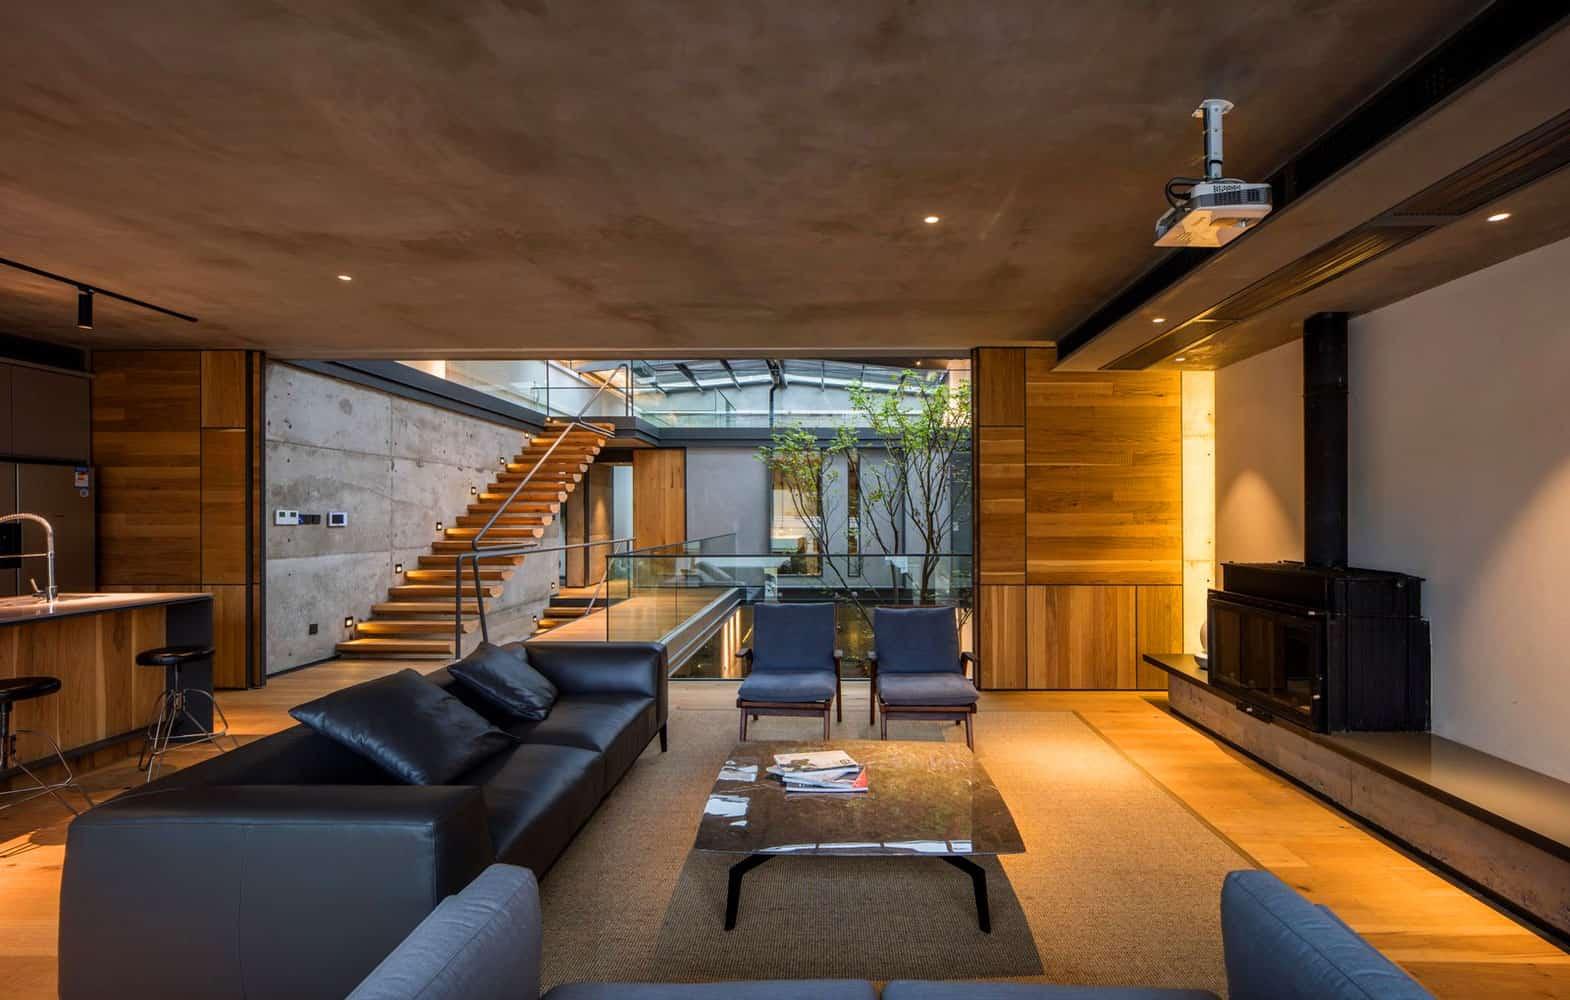 Wanjing studio Remodels a Home in Hangzhou, Zhejiang, China